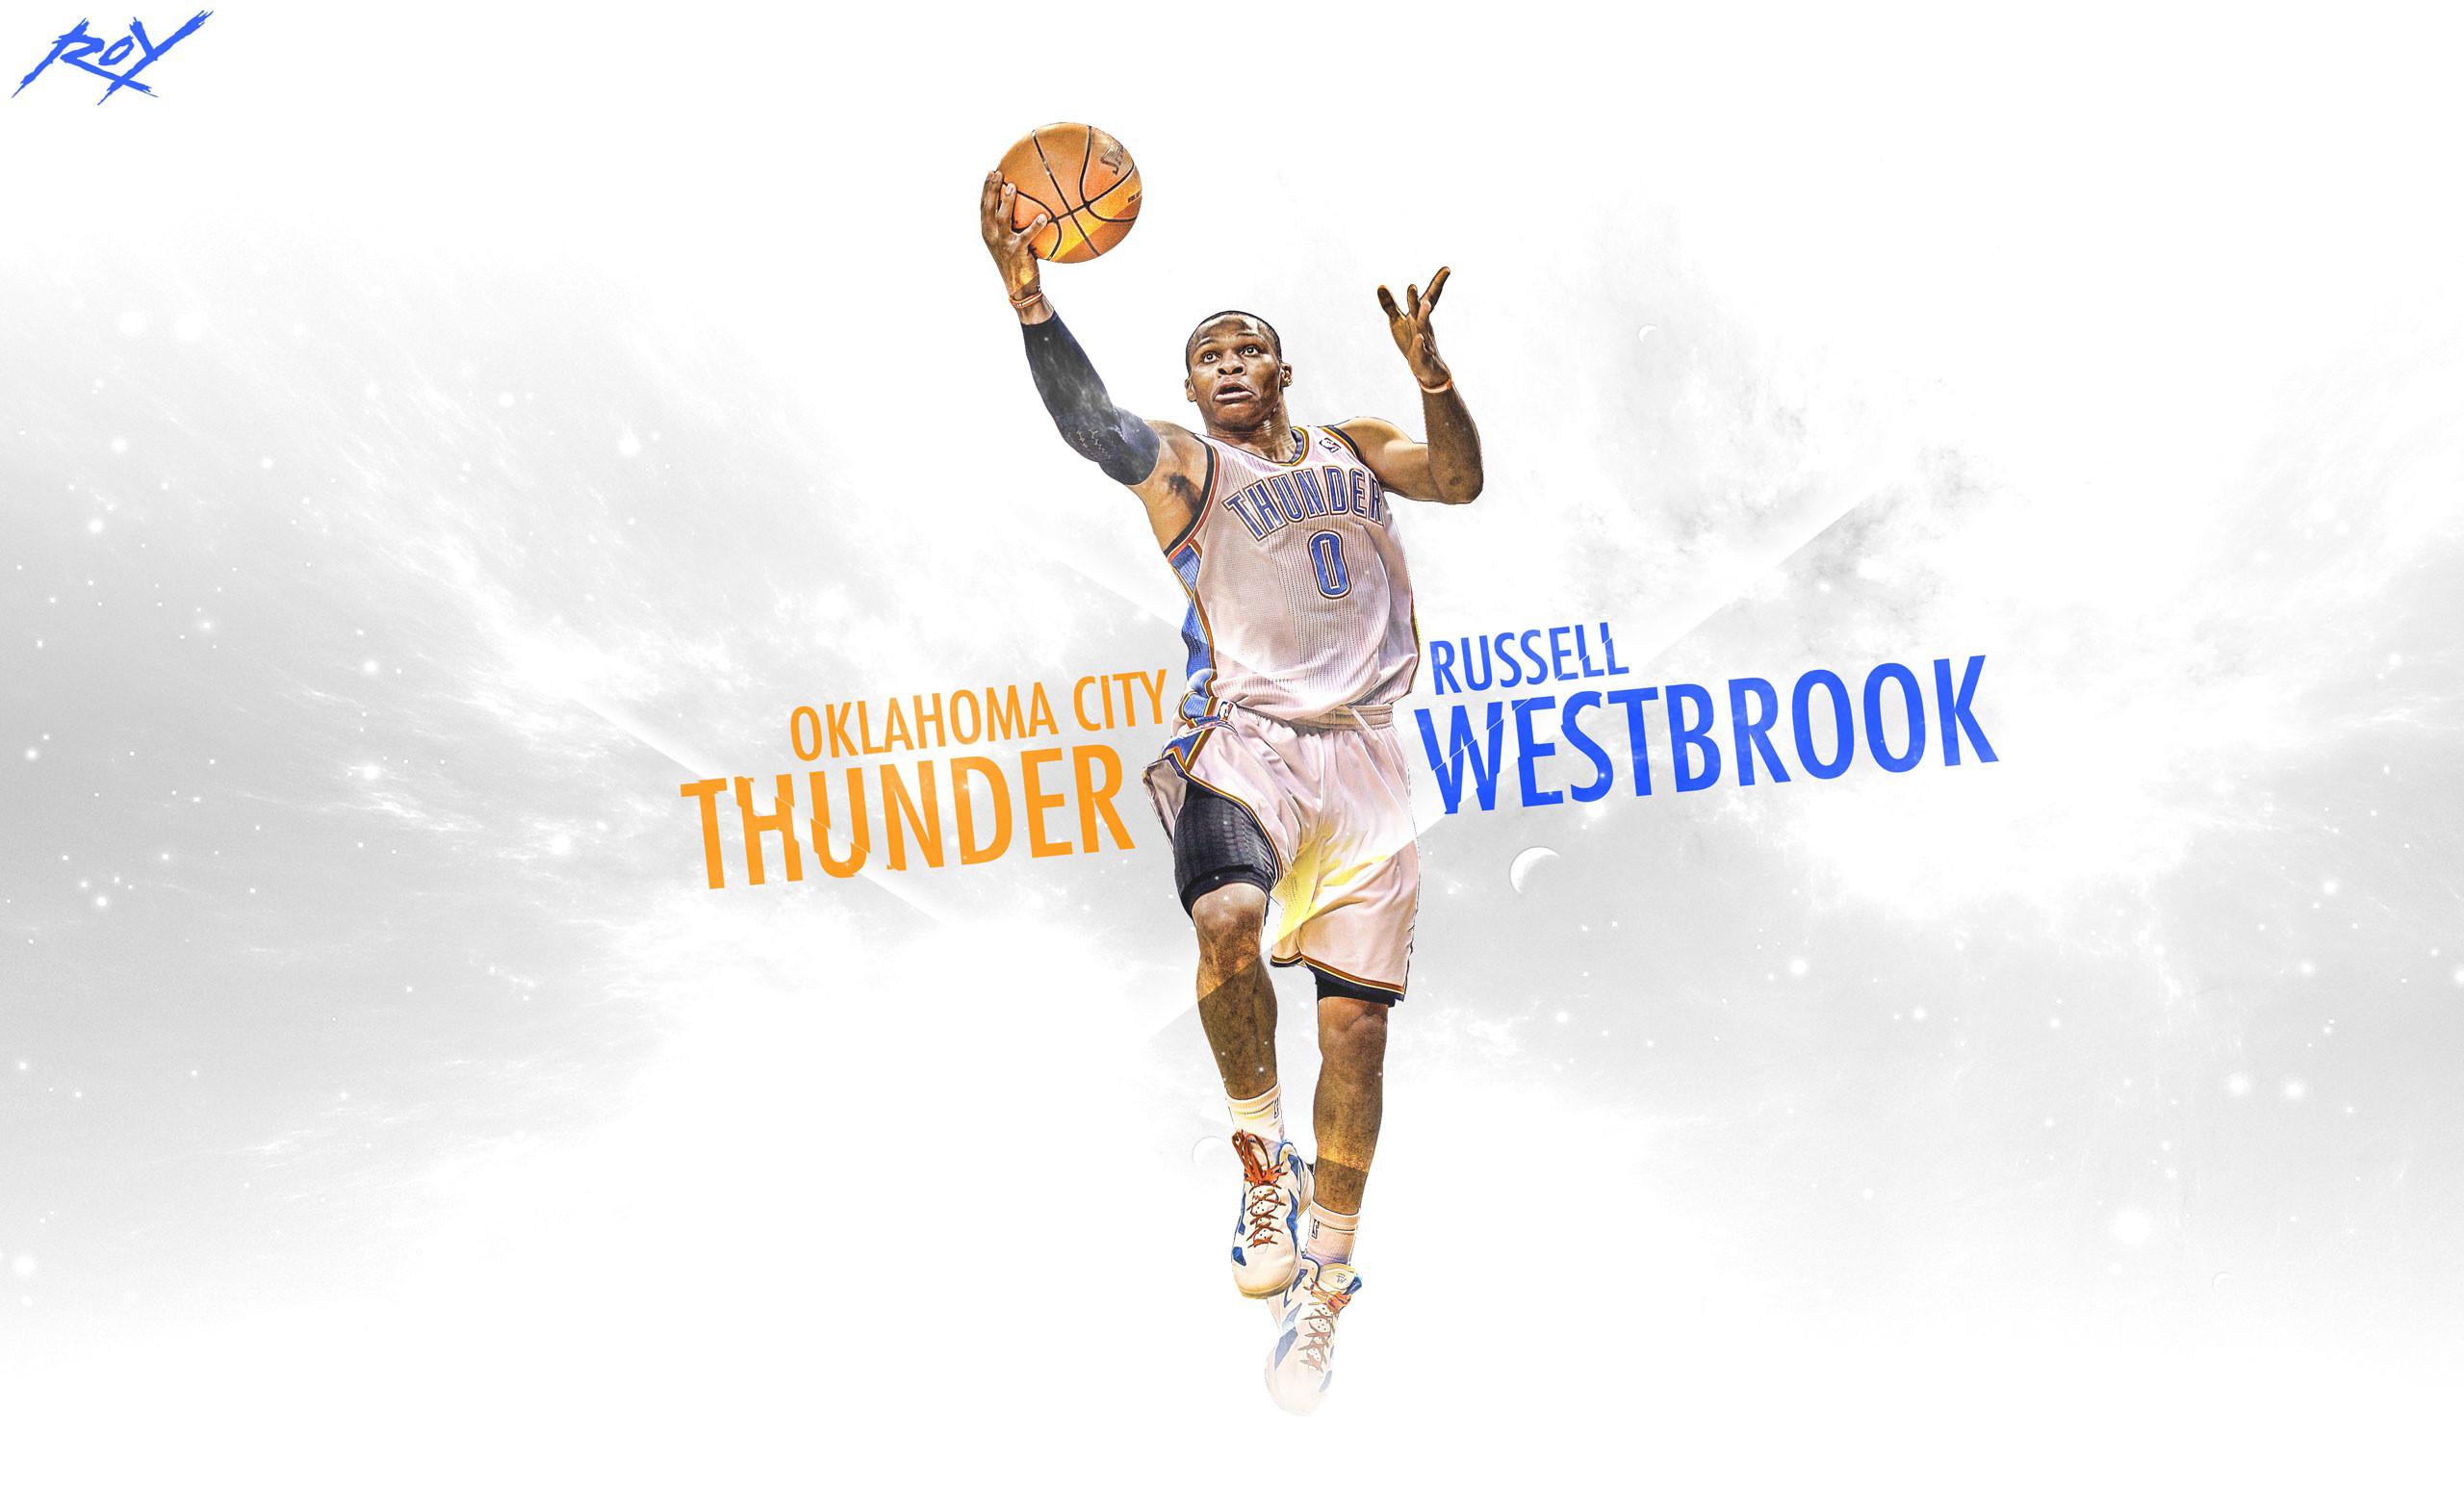 Russell Westbrook Wallpaper HD | WallpapersCharlie